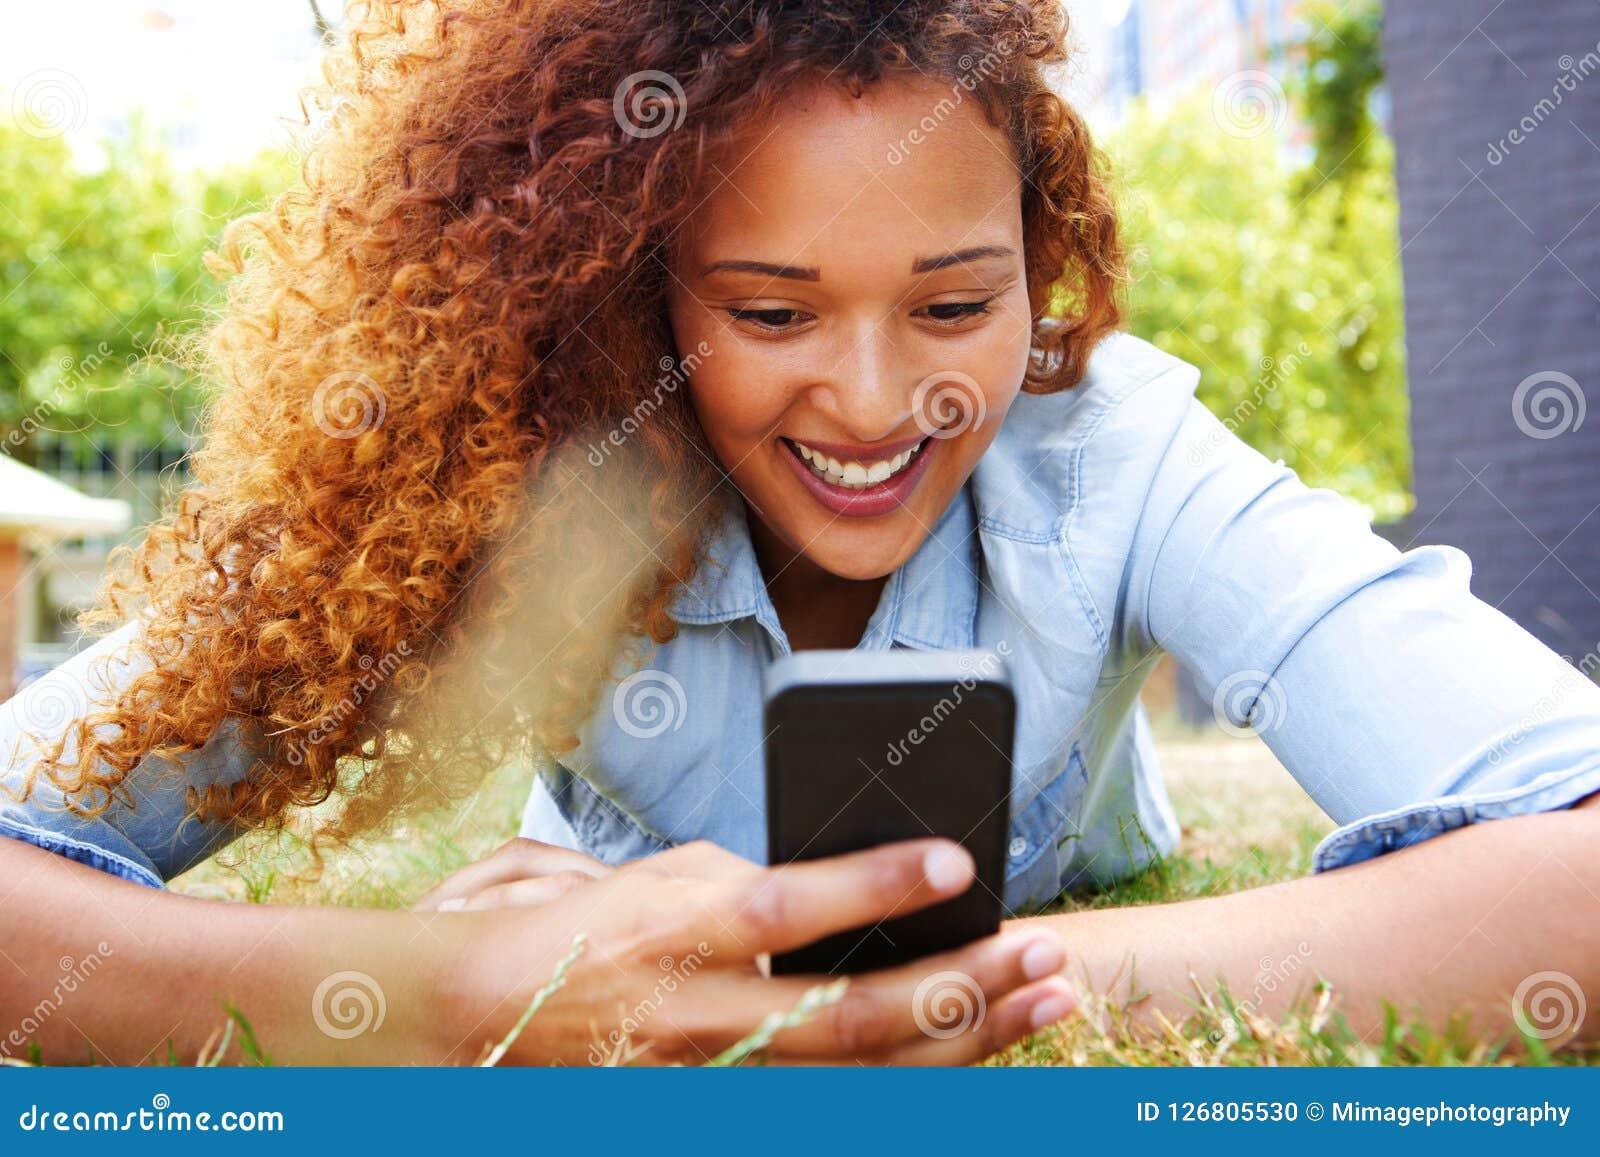 Glückliche junge Frau, die im Gras liegt und Handy betrachtet